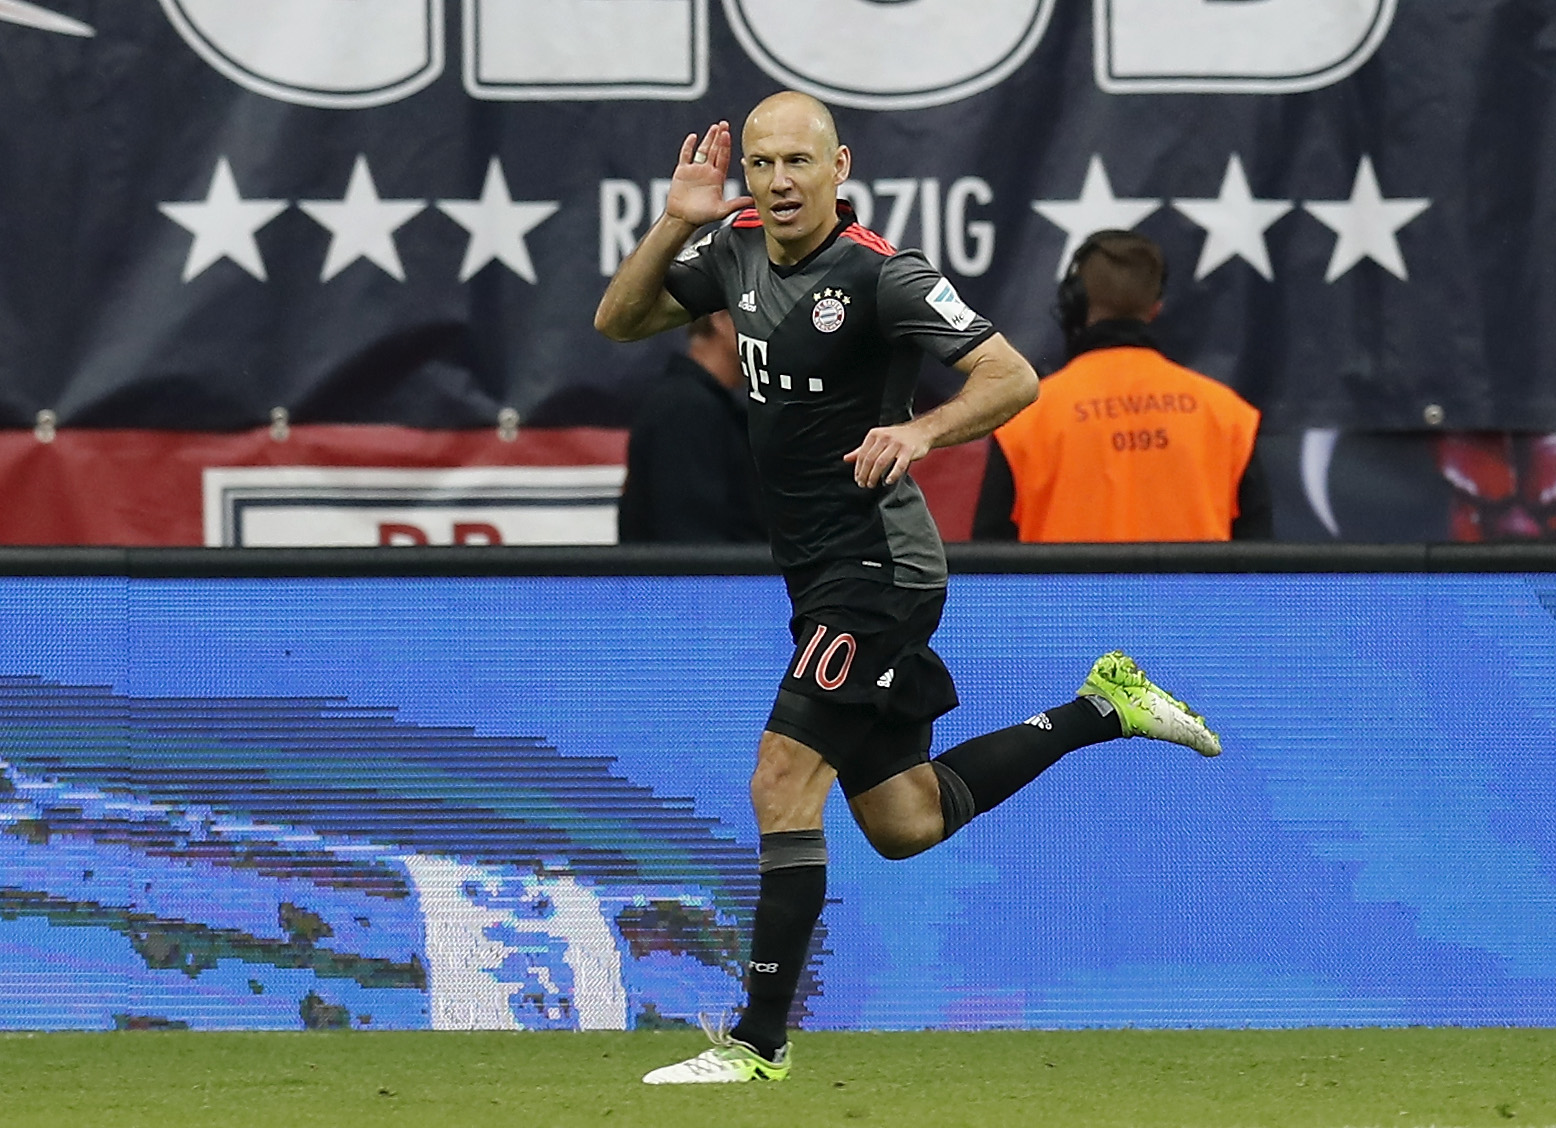 El Bayern vence a domicilio al Leipzig en un partido loco